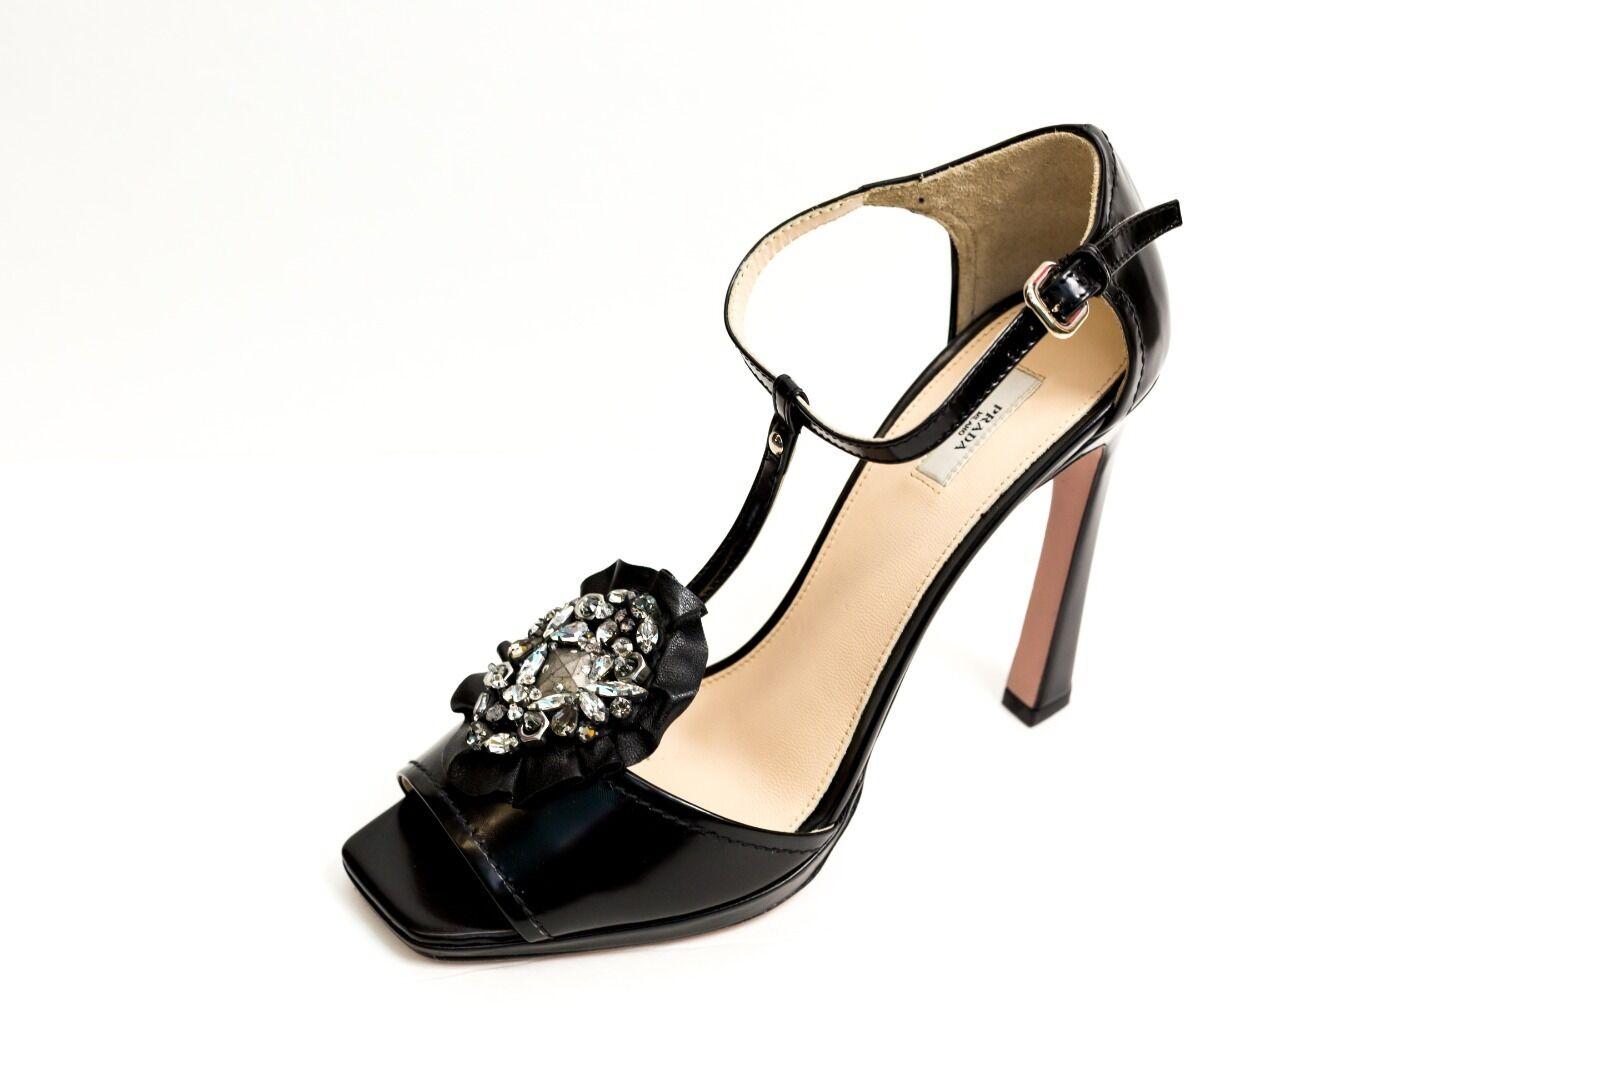 Zapatos Prada Sandalias Tacones Negro Cristales 10 40 Nuevo Nuevo Nuevo  protección post-venta